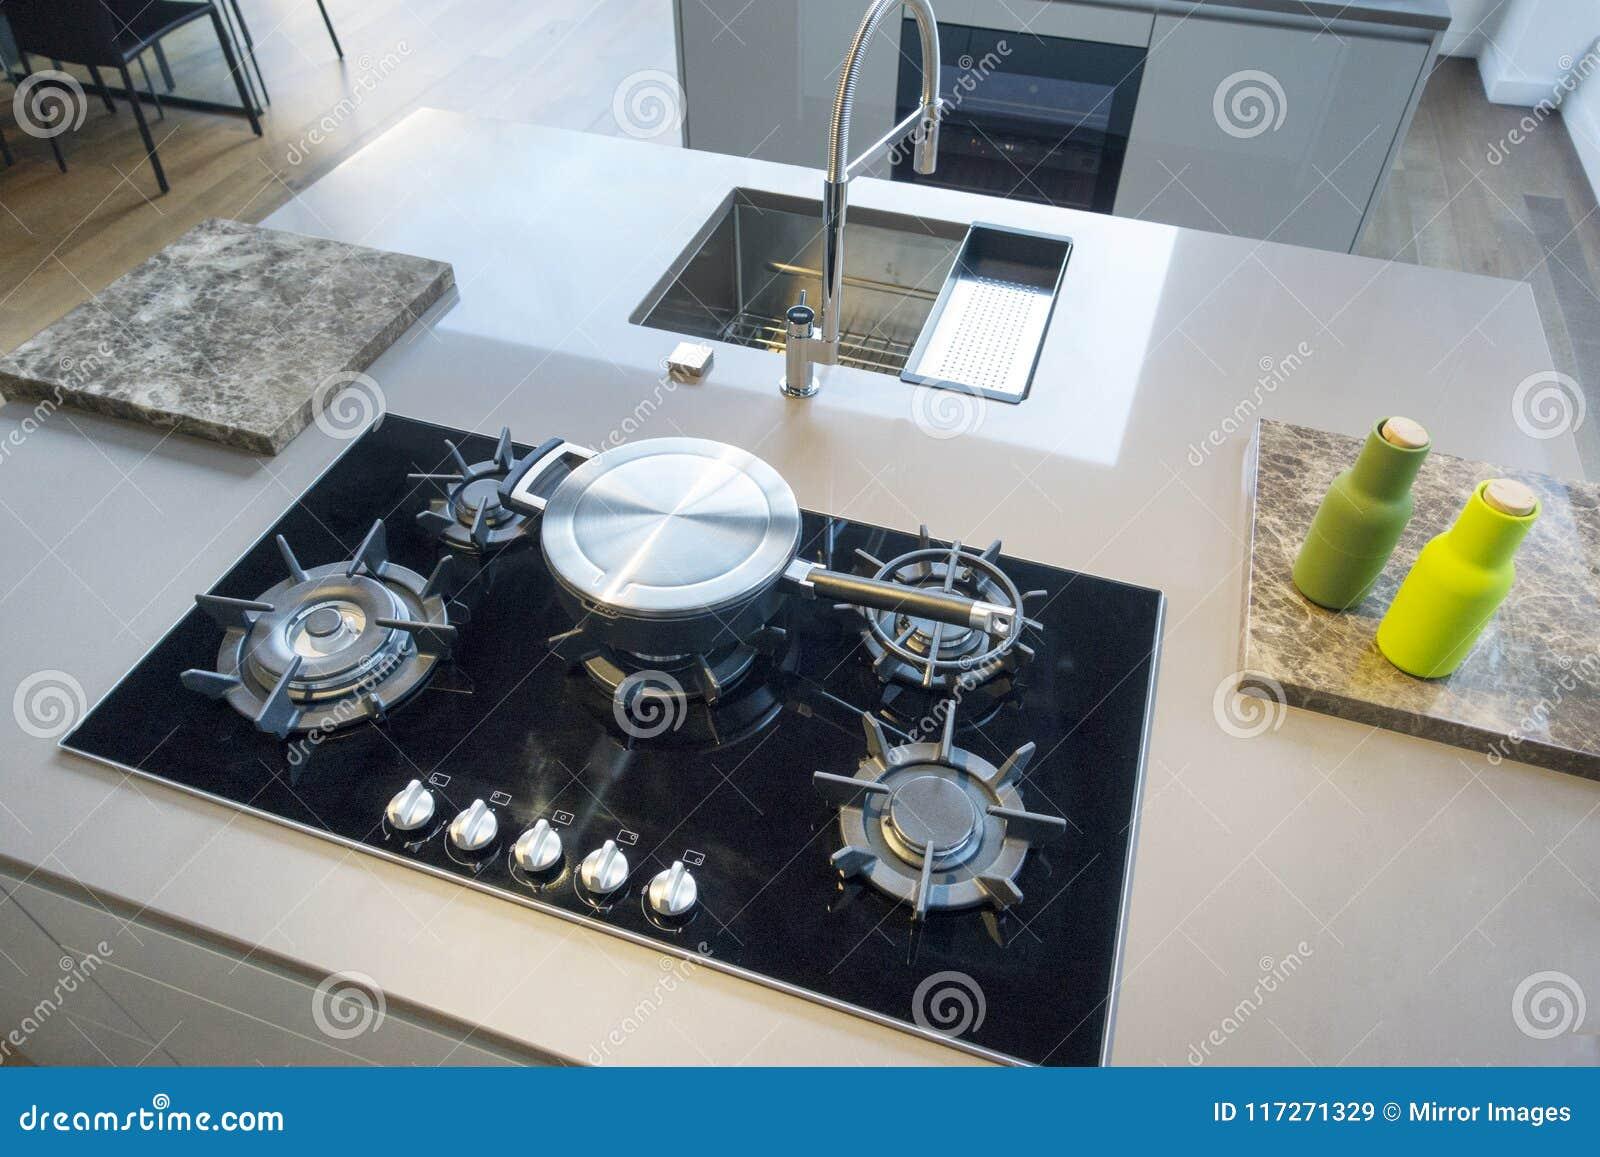 Kitchen Cabinets White Modern Kichen With Island Range